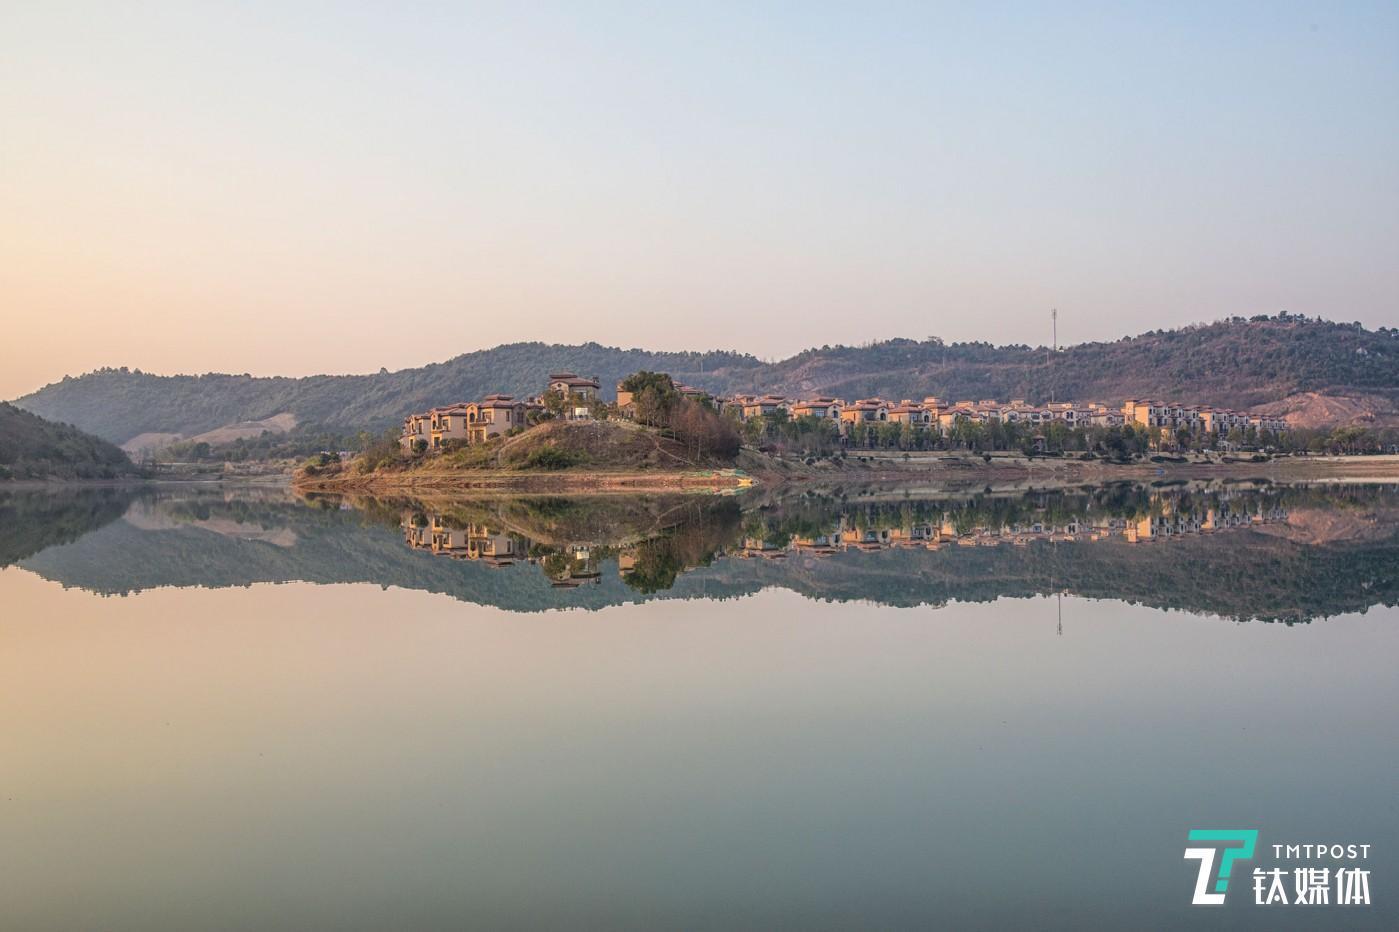 湖光墅影。湖南长沙,依山傍水的别墅区。